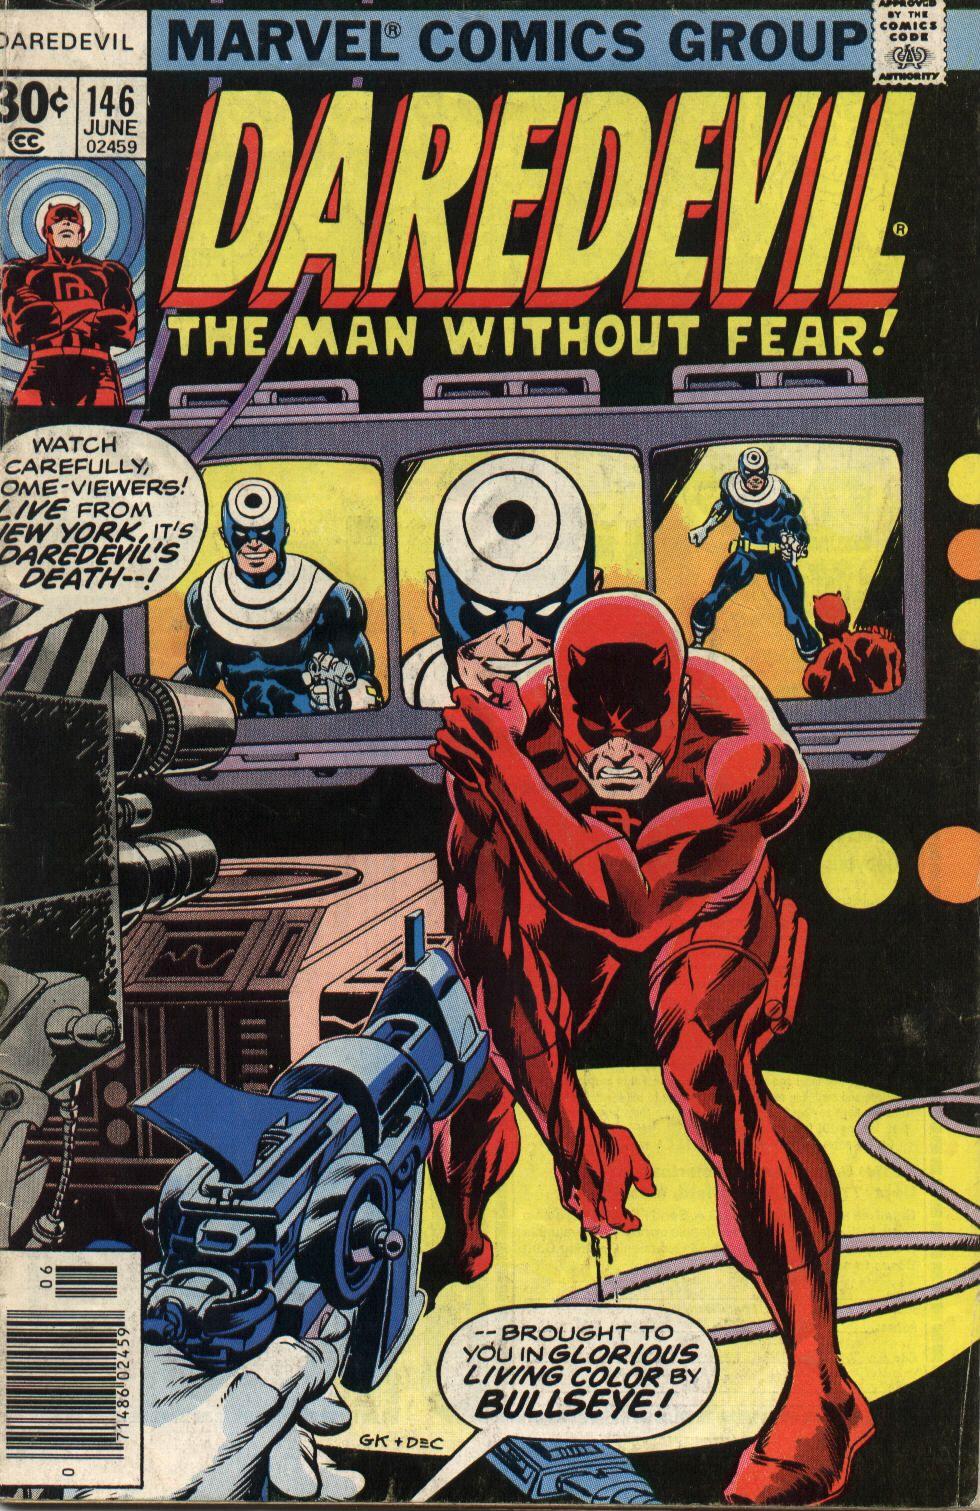 Daredevil #146 Cover By Gil Kane